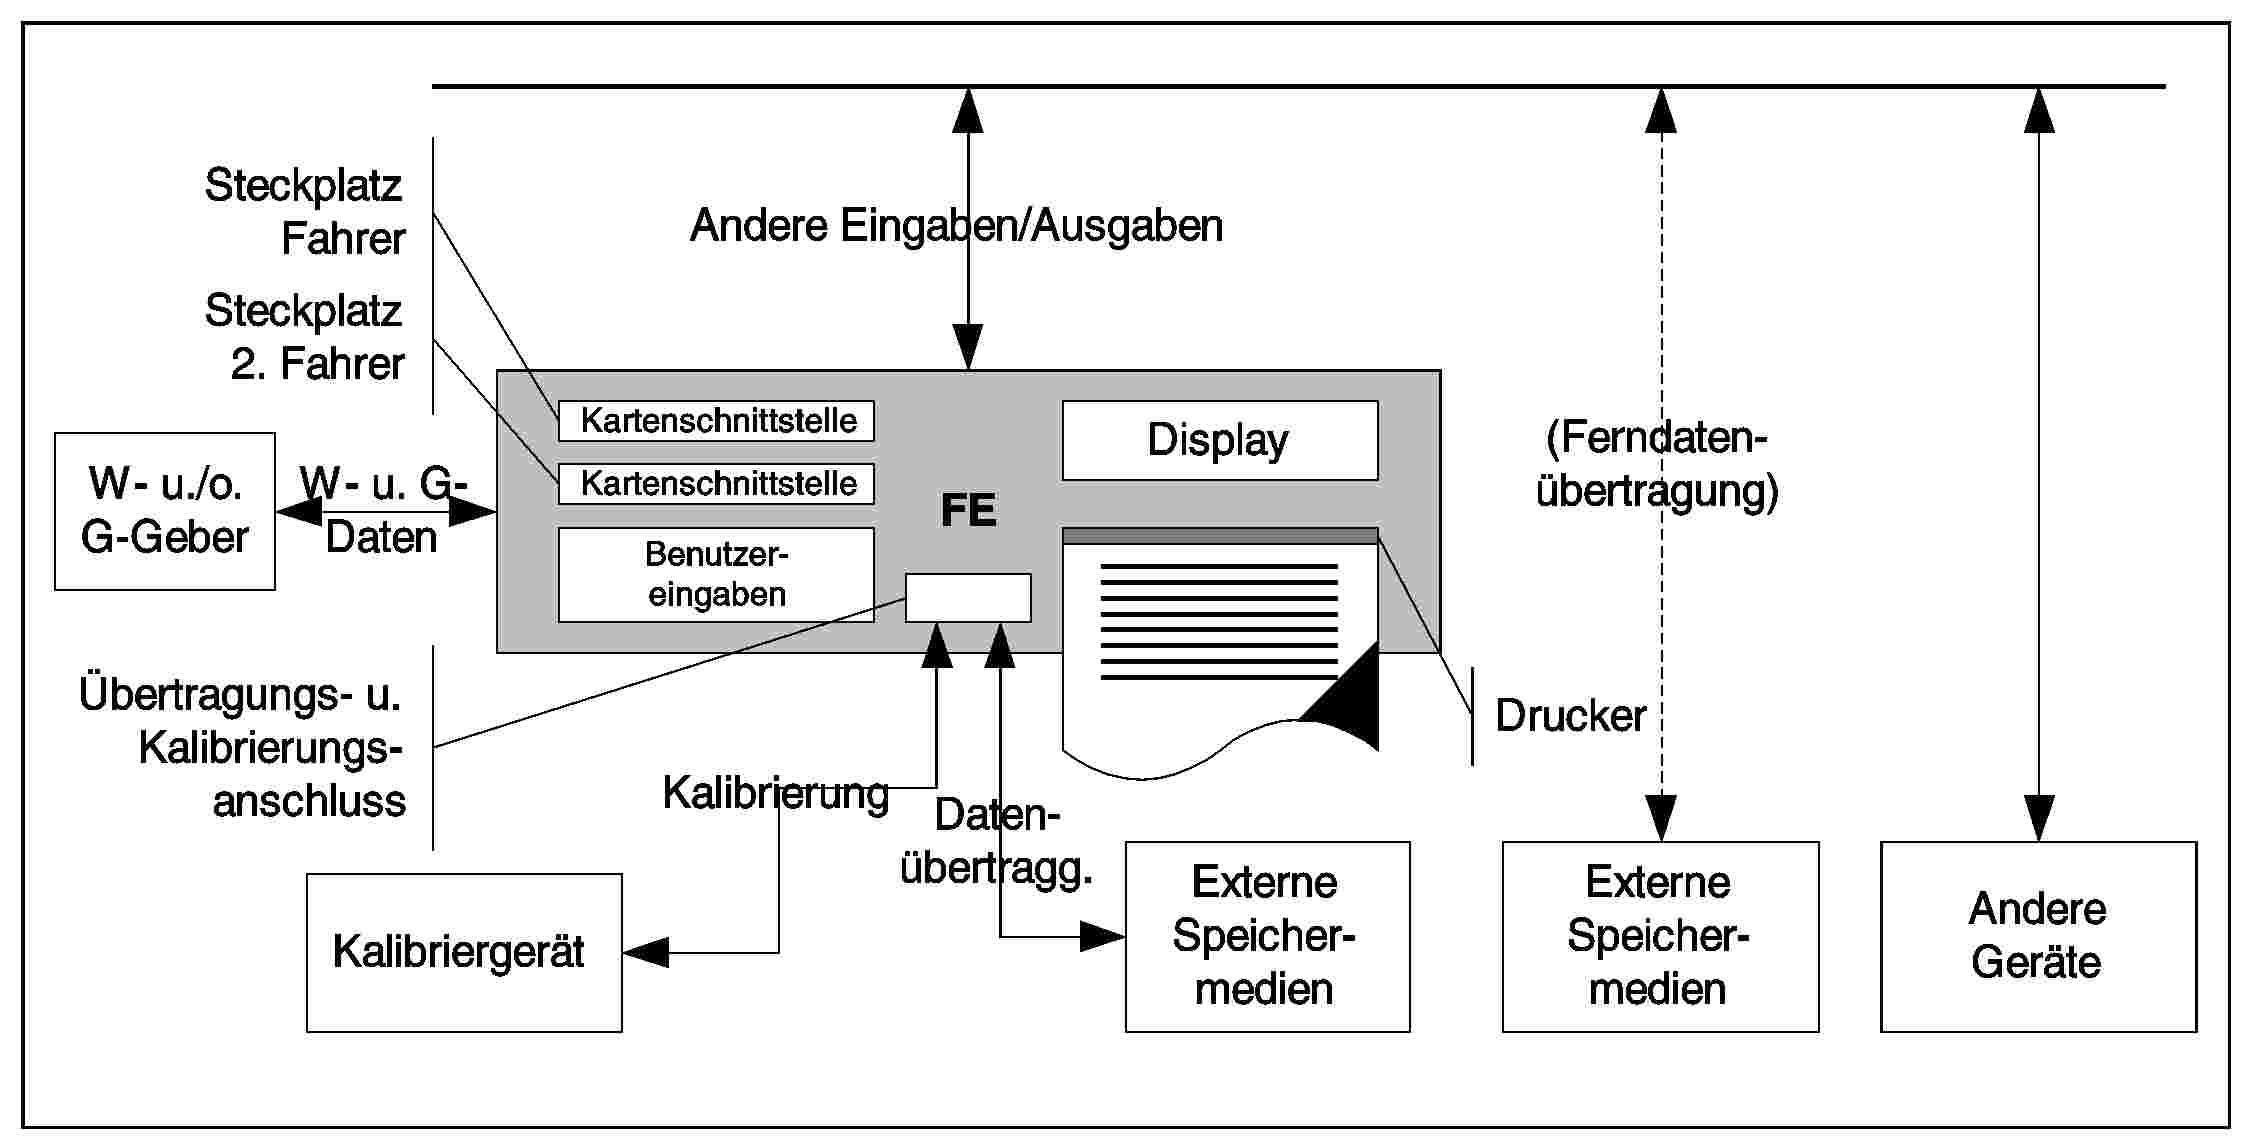 Berühmt Digitale Medien Fortsetzen Probe Zeitgenössisch - Entry ...